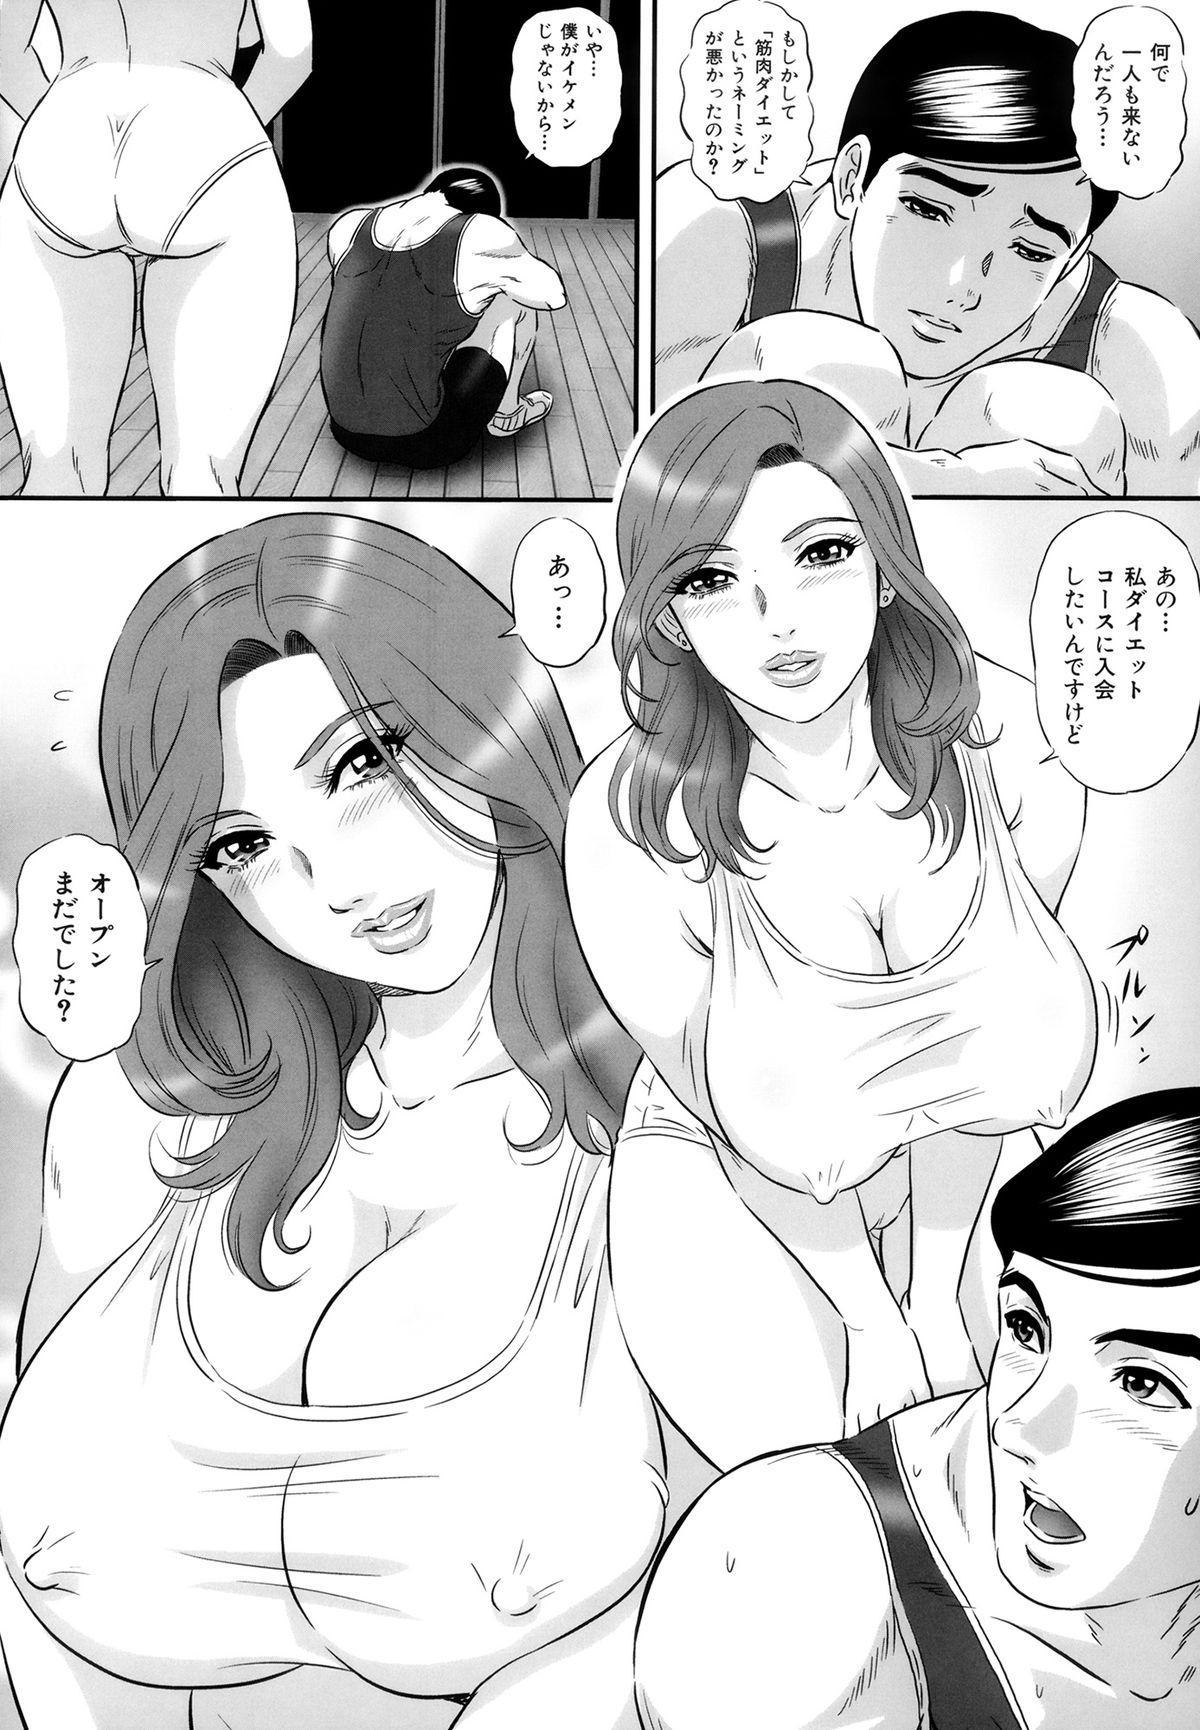 Ijimete Hoshiino 193